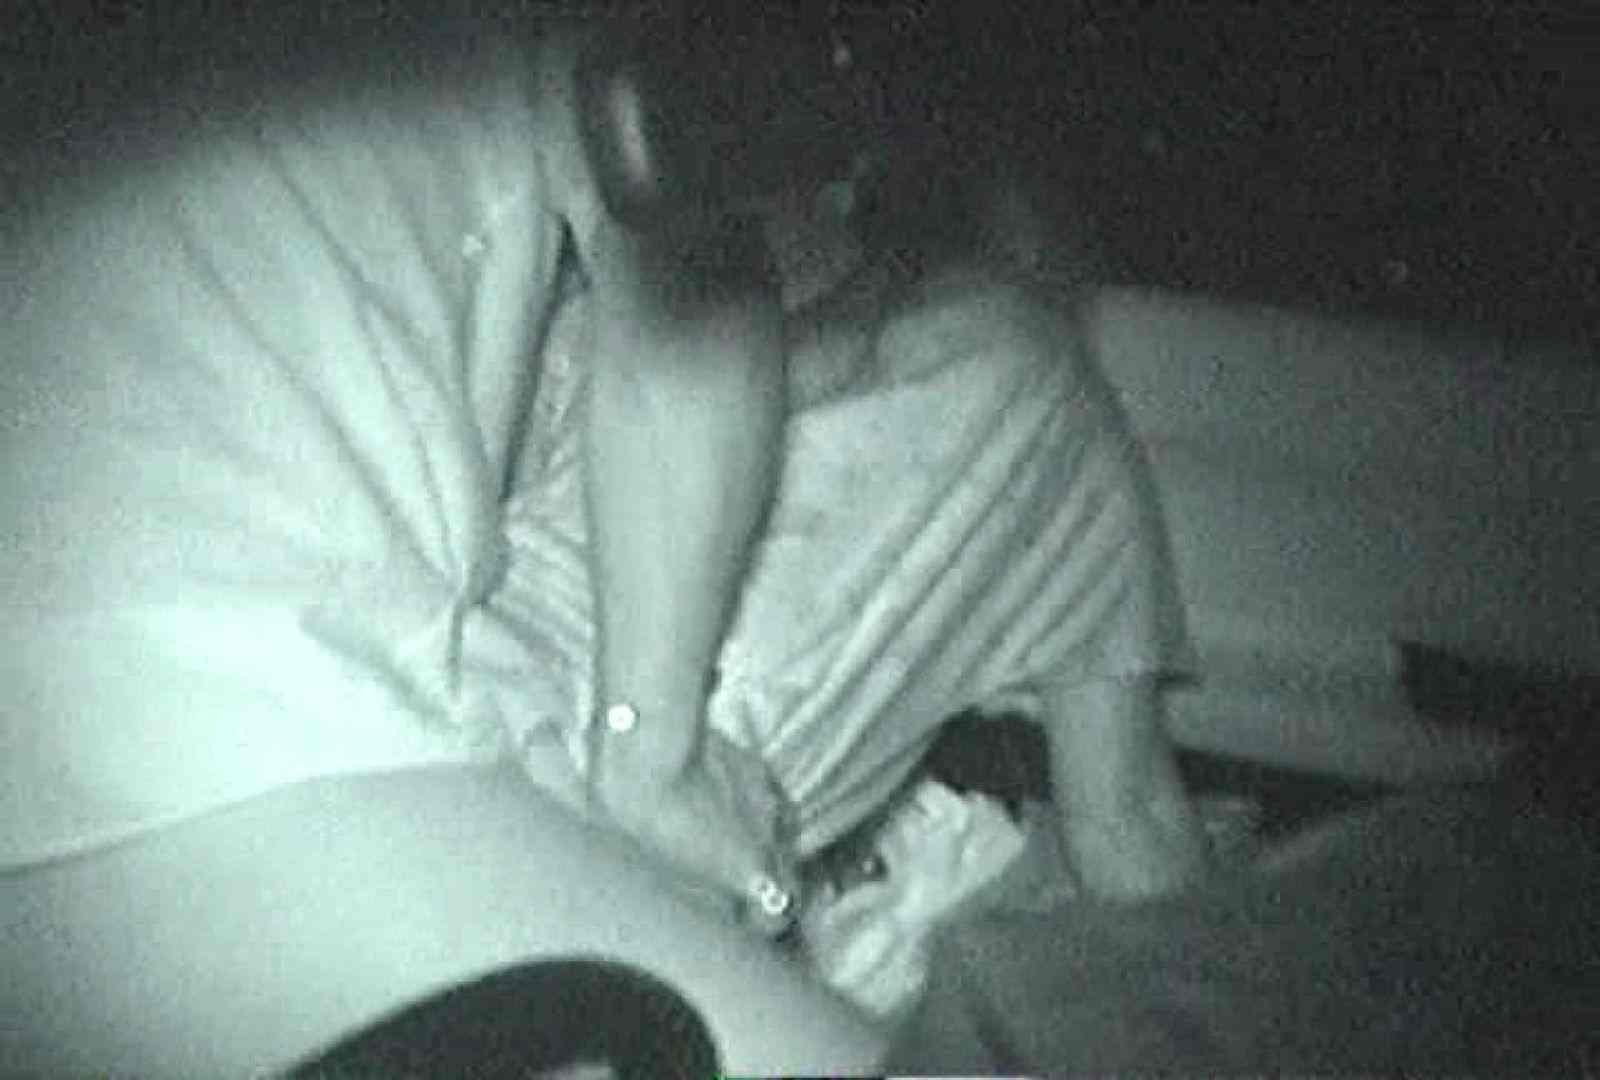 充血監督の深夜の運動会Vol.61 エッチなセックス ワレメ動画紹介 102画像 11